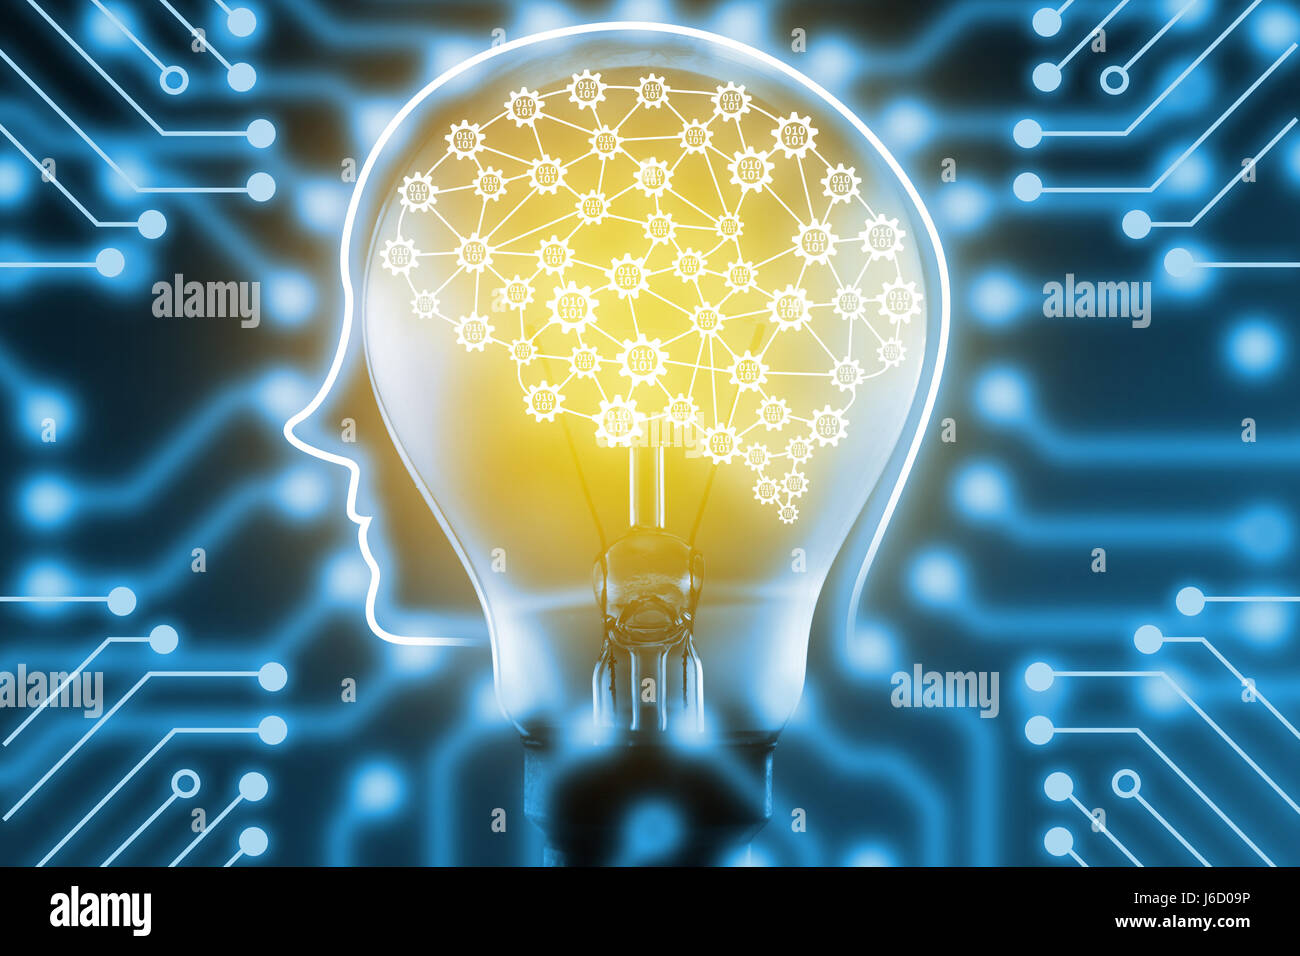 L'apprentissage automatique et l'intelligence artificielle concept. Fintech Financial Technology concept. Le cerveau du robot avec vitesses de connexion. Ampoule et bouilloire Banque D'Images